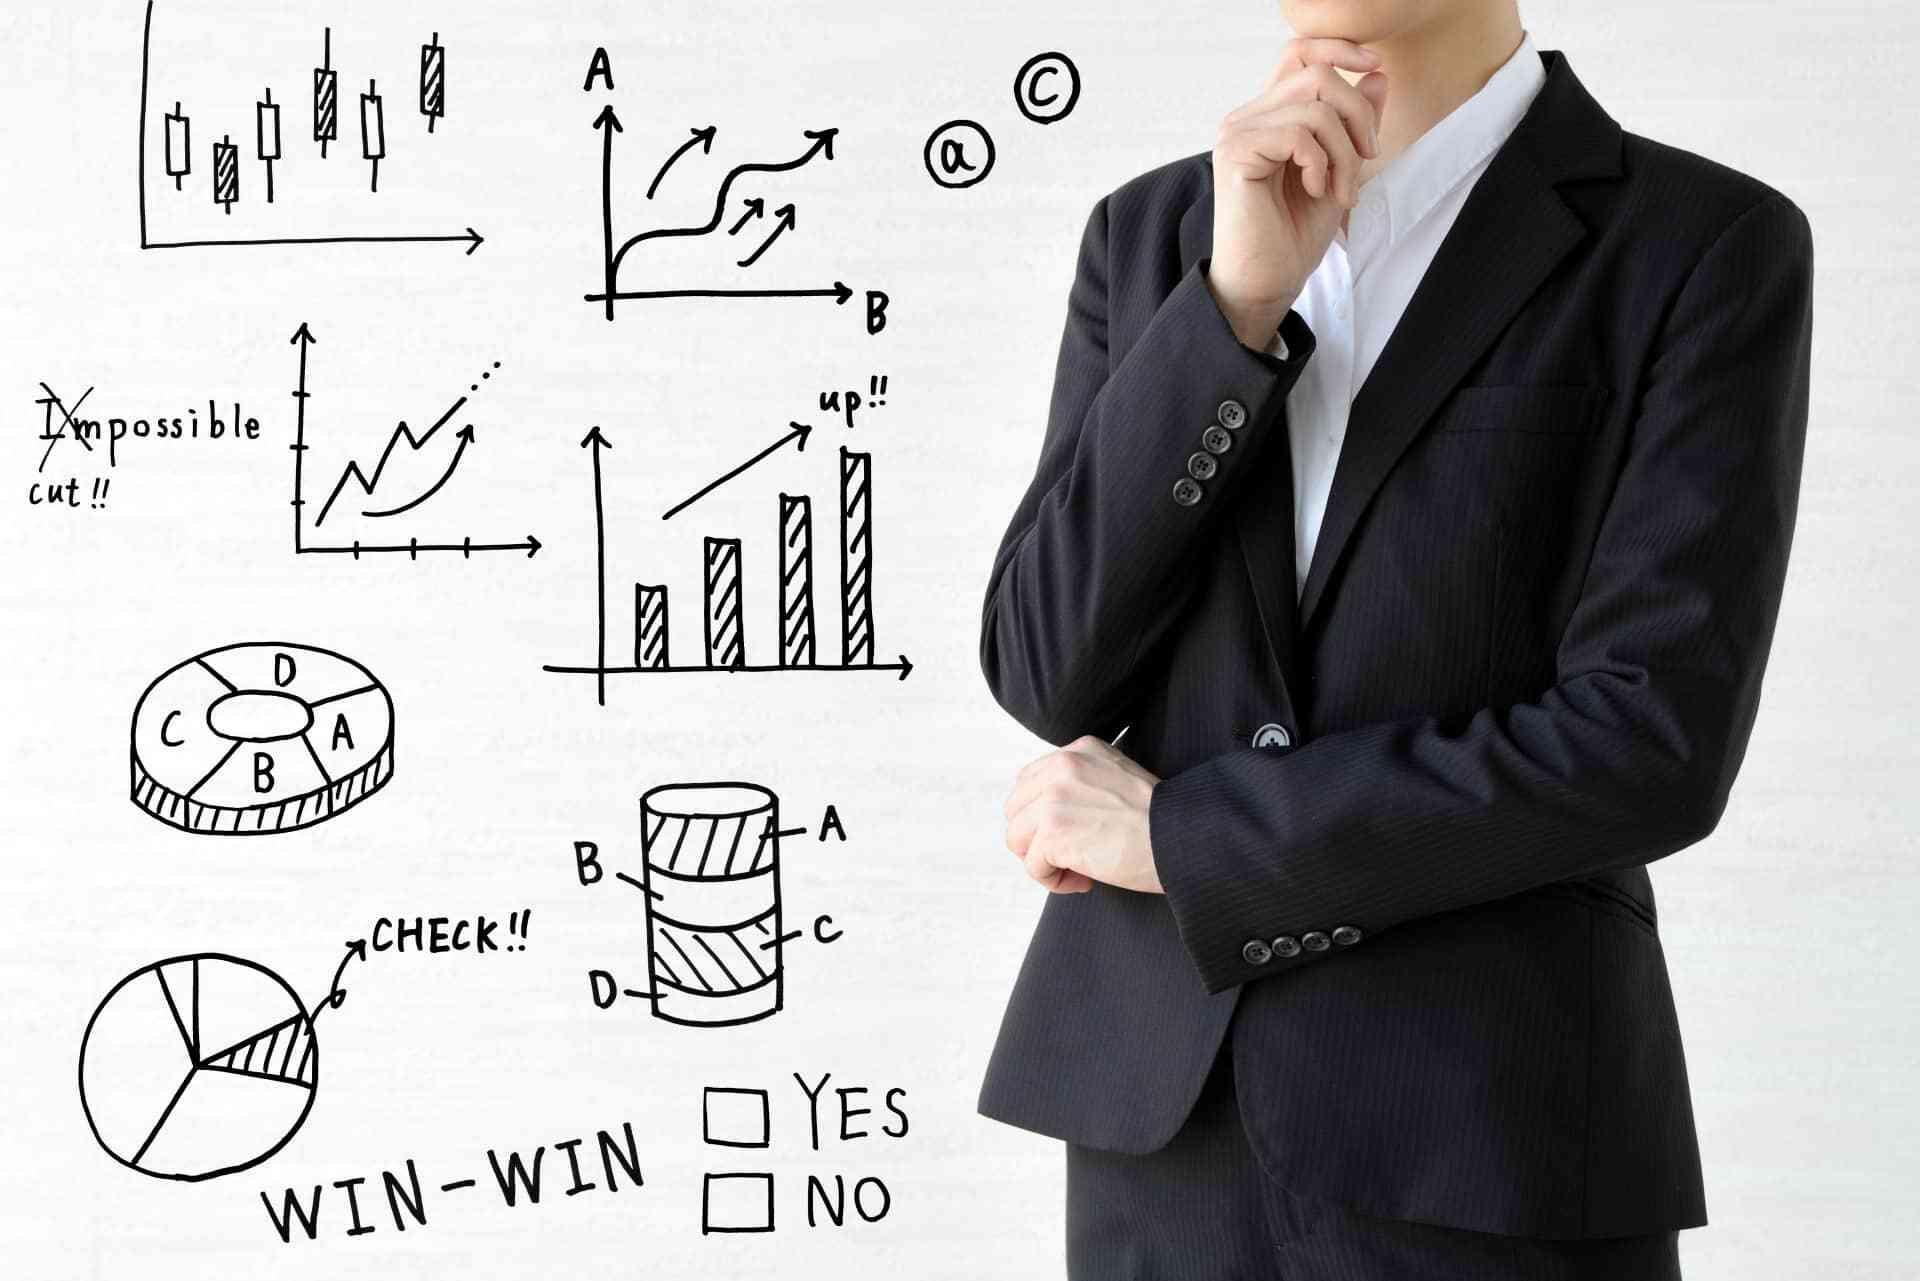 【新卒向け】企業分析が就活成功の鍵?目的や方法のポイントを押さえよう!